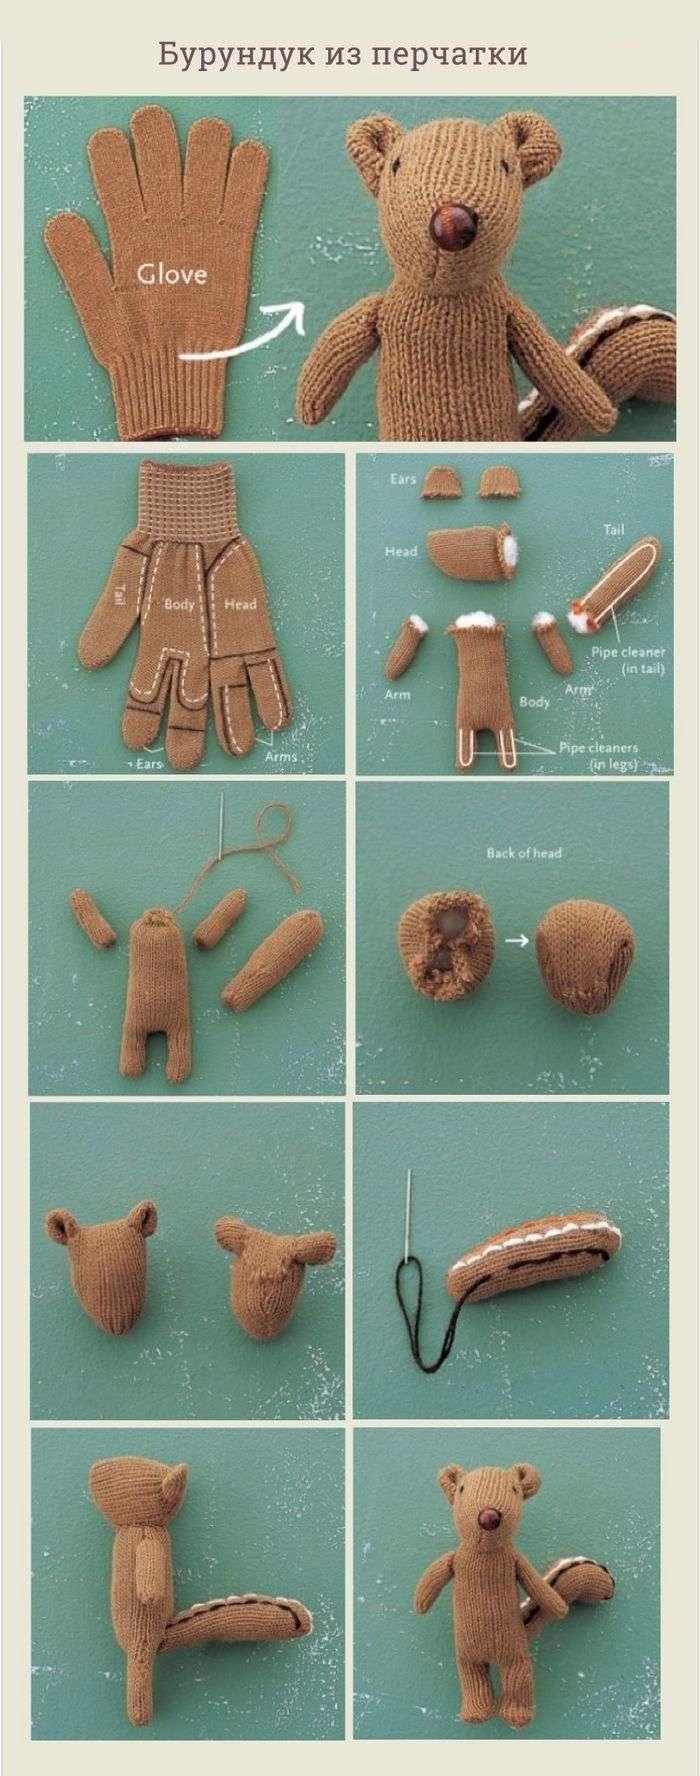 Креативні ідеї в стилі: зроби сам своїми руками (16 фото)